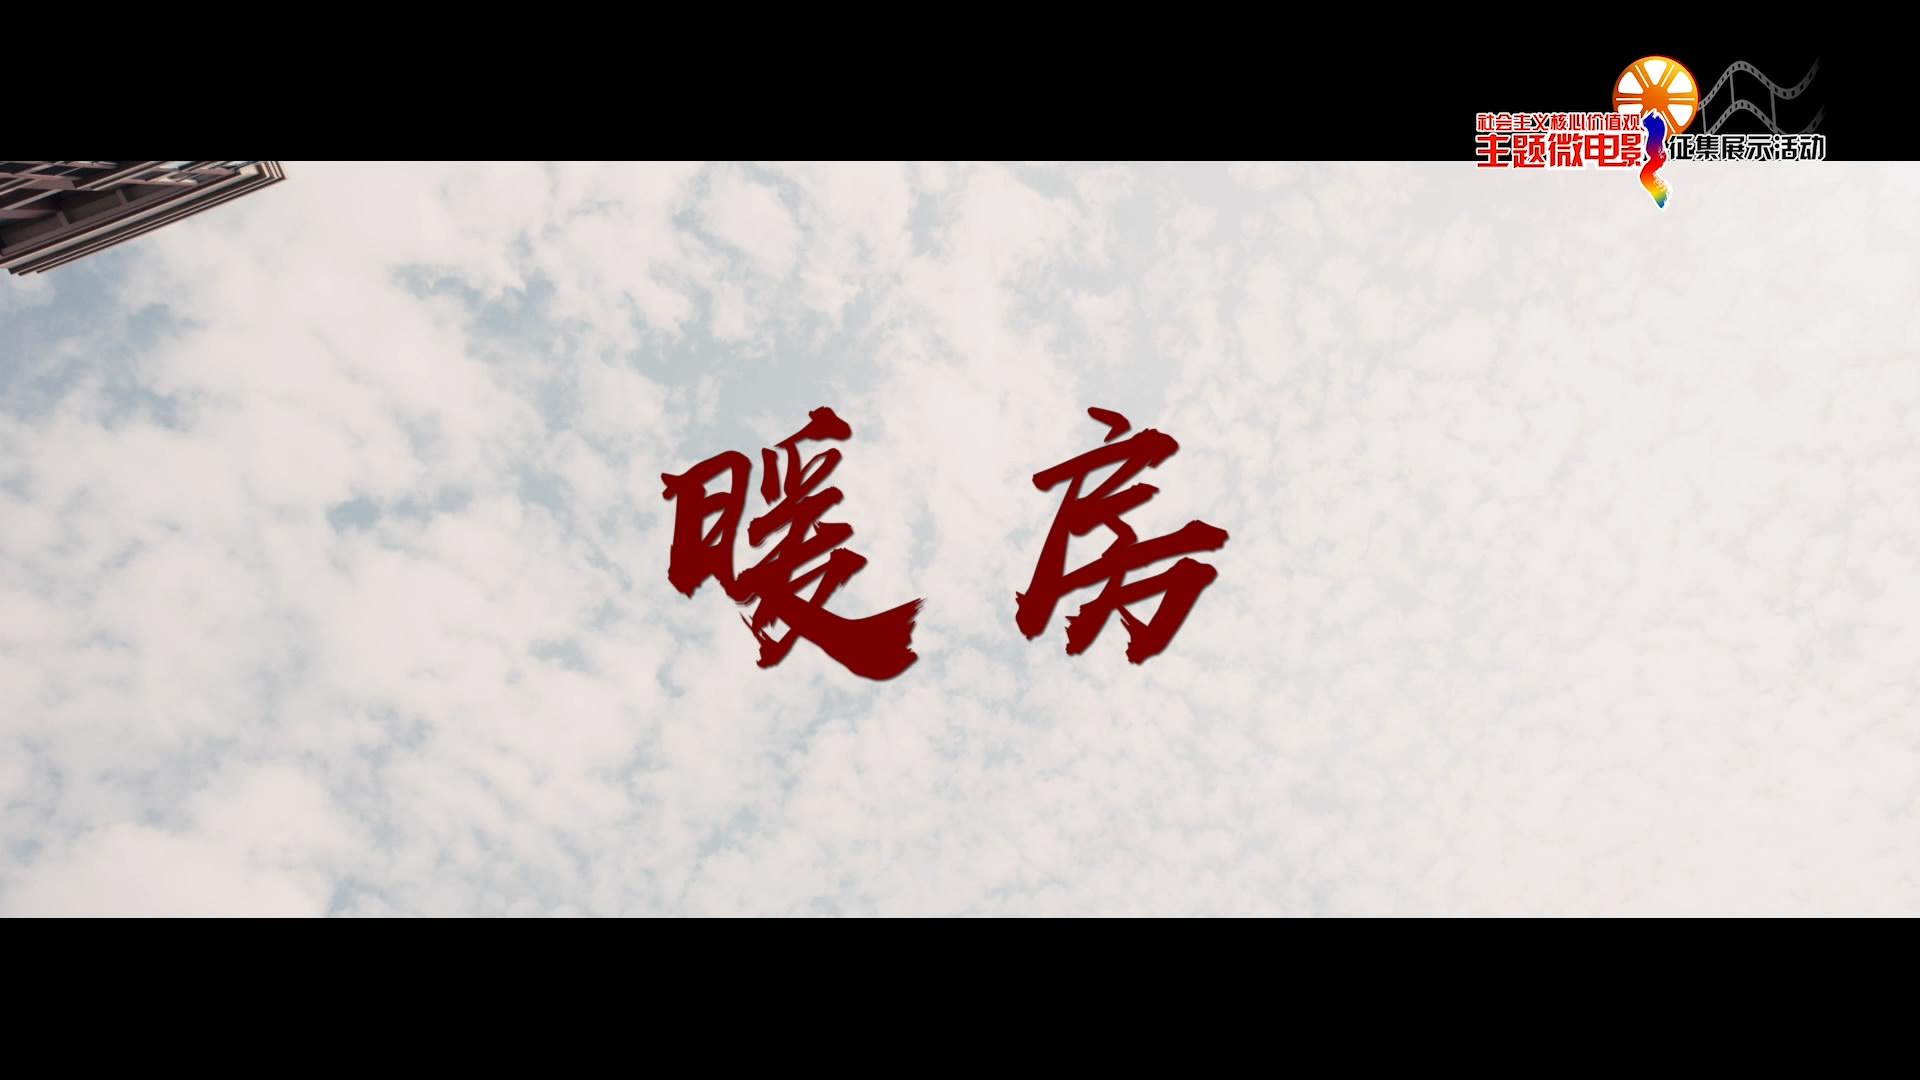 暖房(上海)[00_00_16][20200103-082938-2].JPG